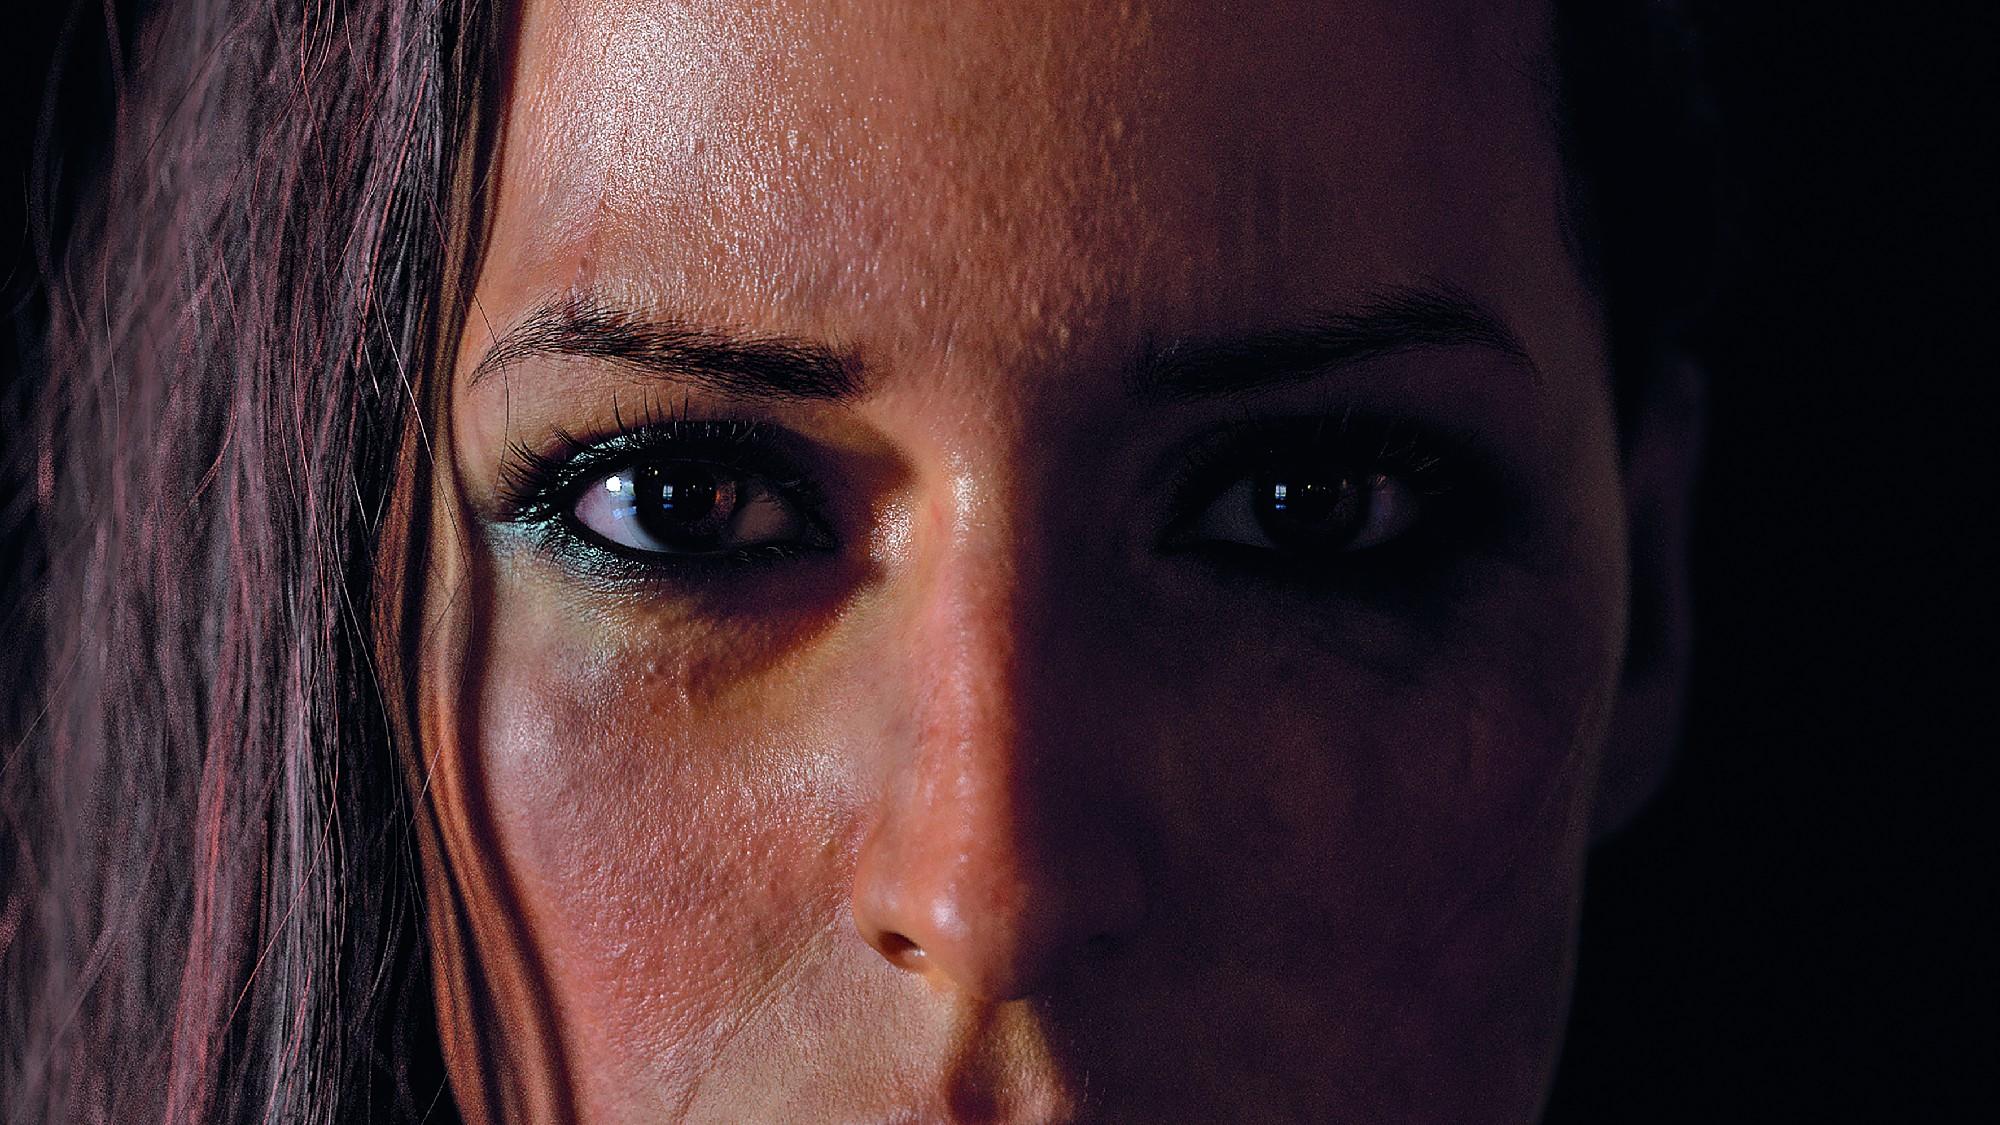 Da im Trailer einige sehr nahe Close-ups zu sehen sind, mussten die 3D-Modelle von Conan und Razma sehr detailverliebt gestaltet werden.